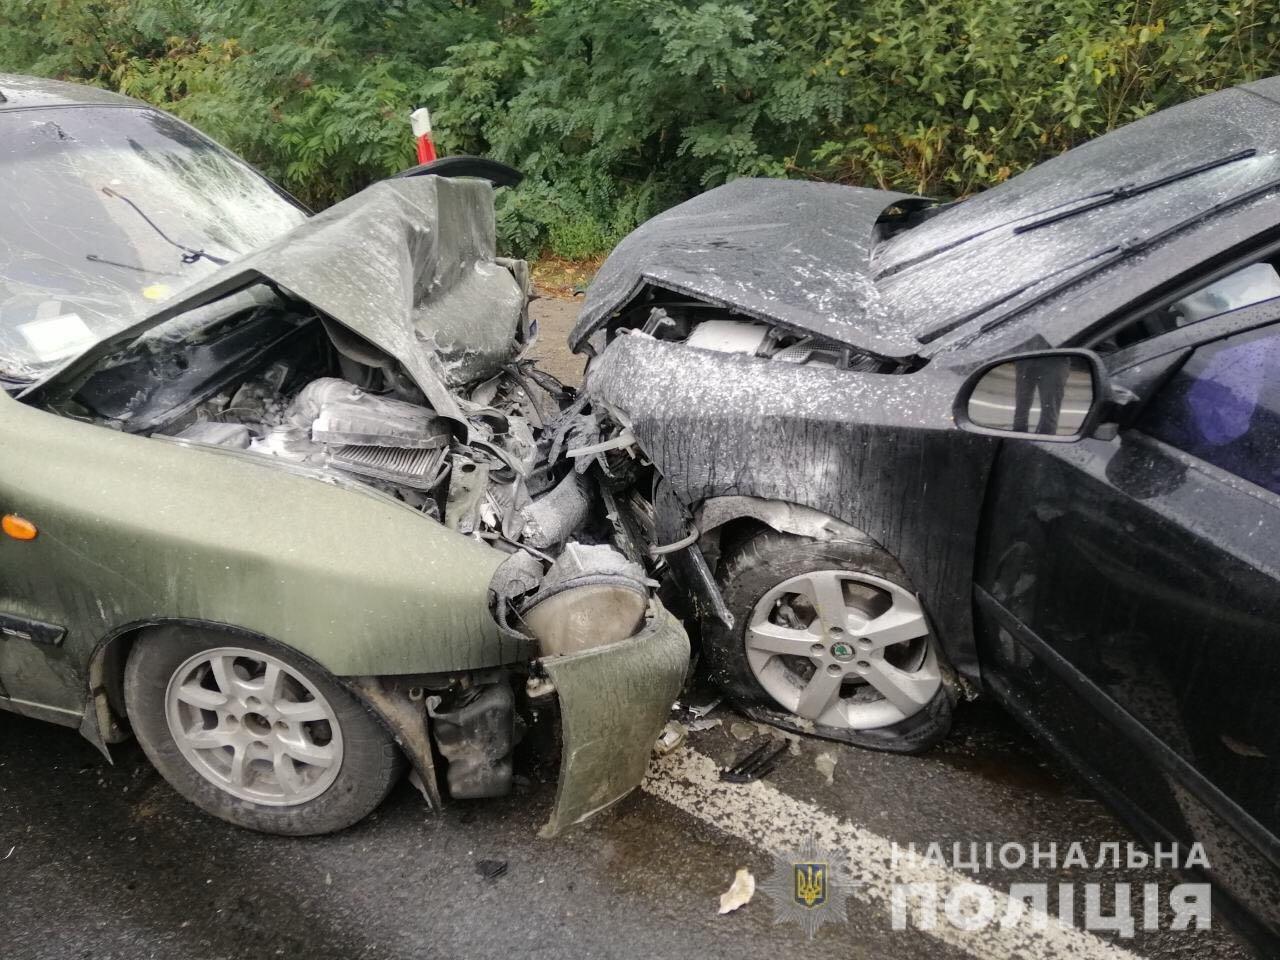 Смертельне ДТП на Мукачівщині: офіційні подробиці жахливої аварії із загиблим та 6-ма потерпілими (ФОТО), фото-2